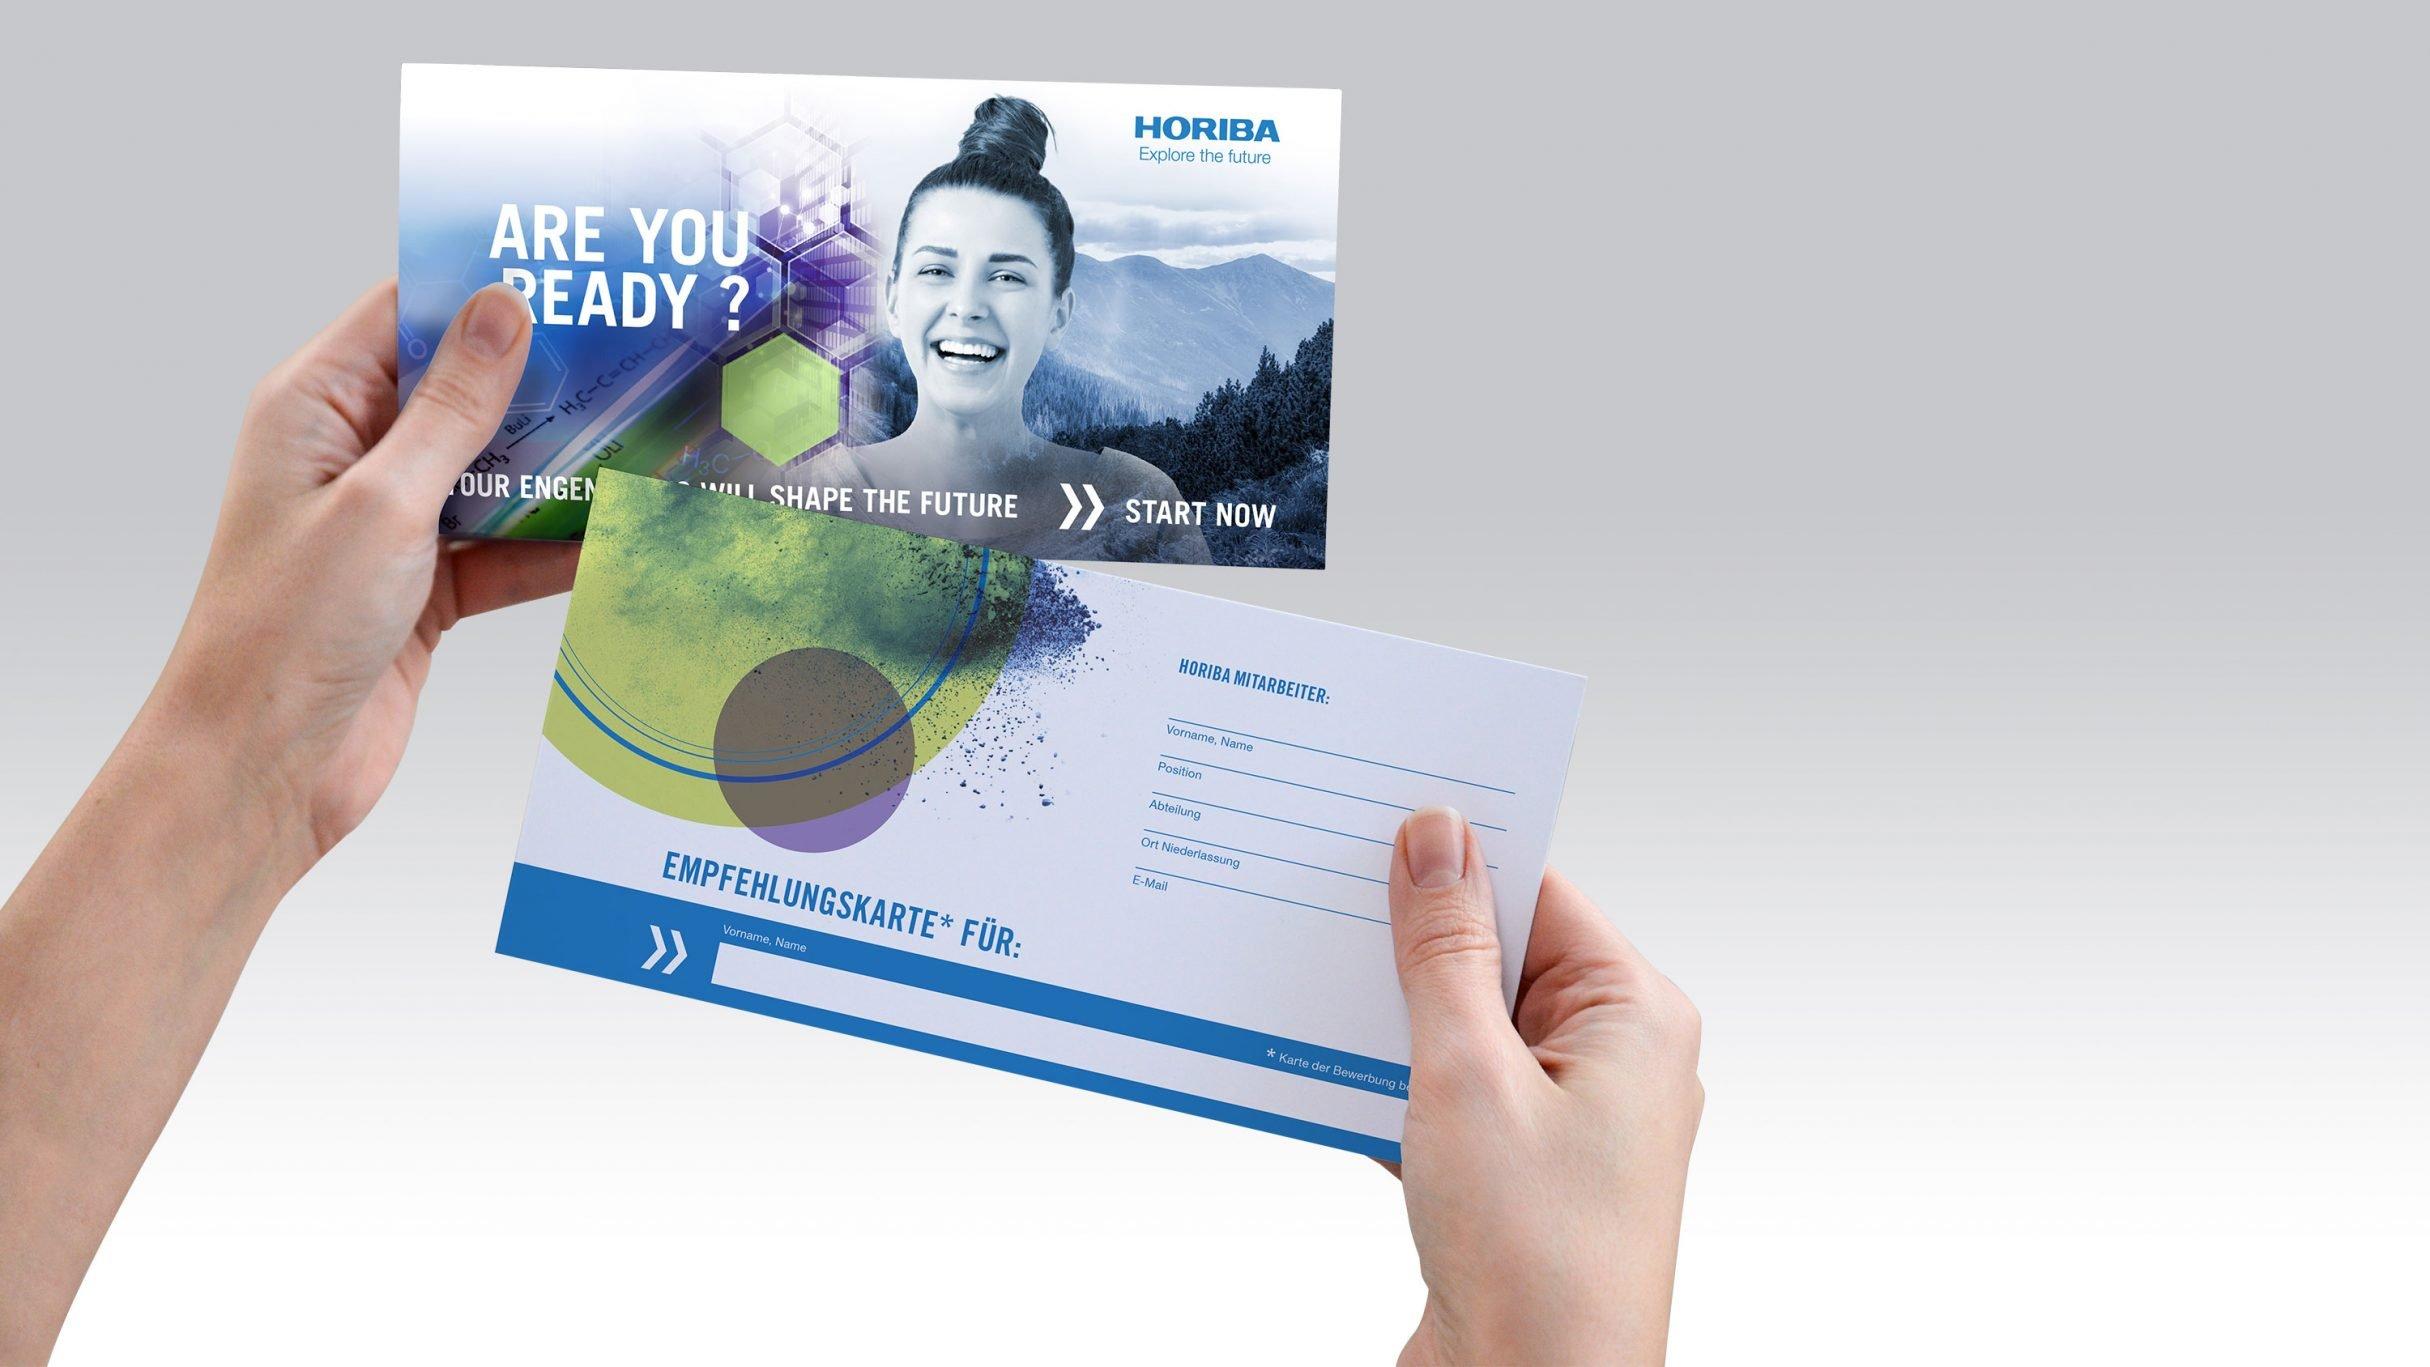 Recruiting Empfehlungskarte für HORIBA: DIE NEUDENKER® Agentur, Darmstadt